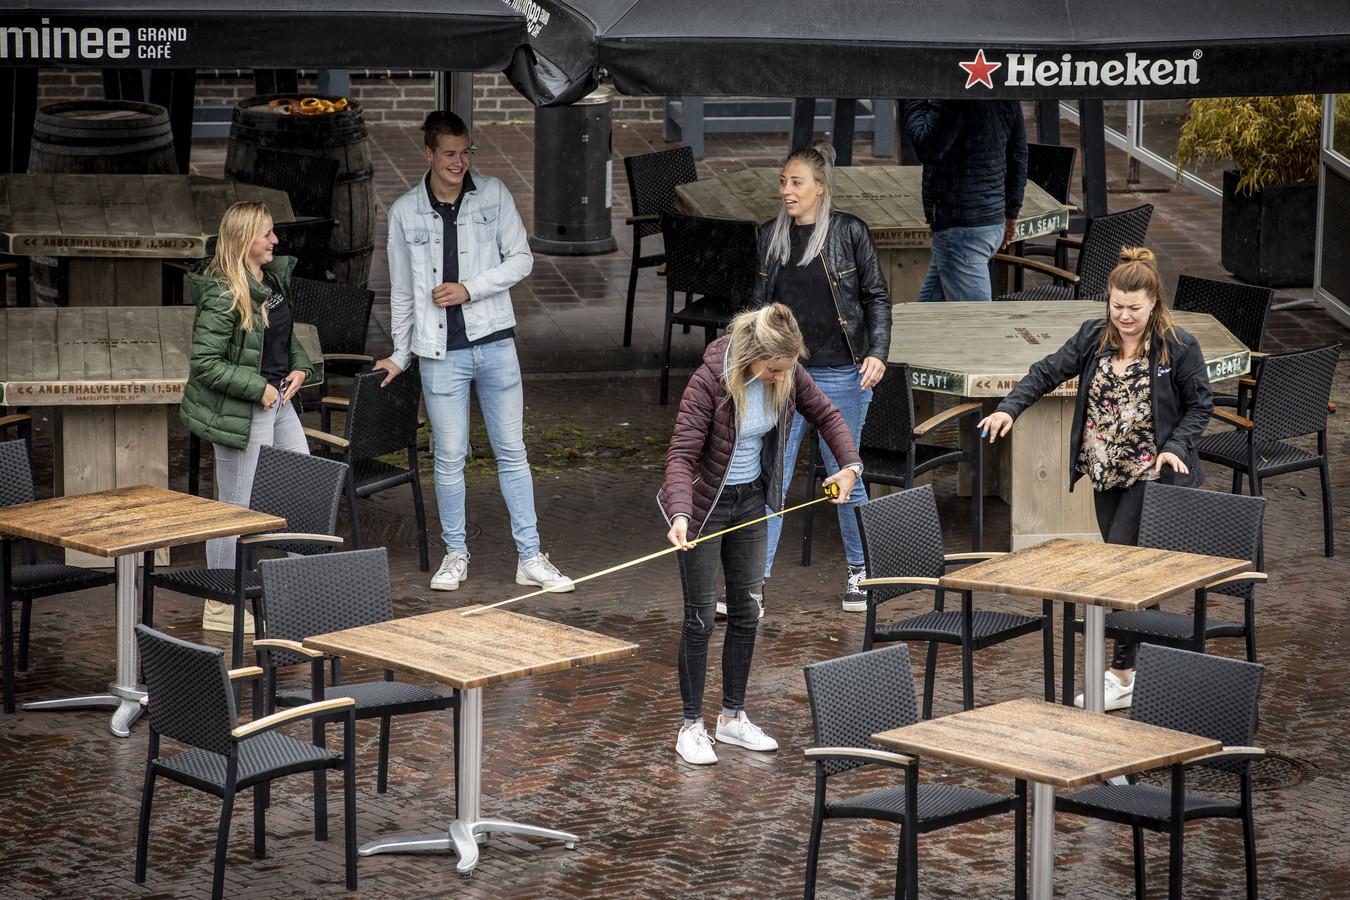 Oldenzaalse horeca maakt in aanloop naar 1 juni gezamenlijke coronaproof proefopstelling terras op Groote Markt. EDITIE: OL FOTO: Robin Hilberink RH20200524